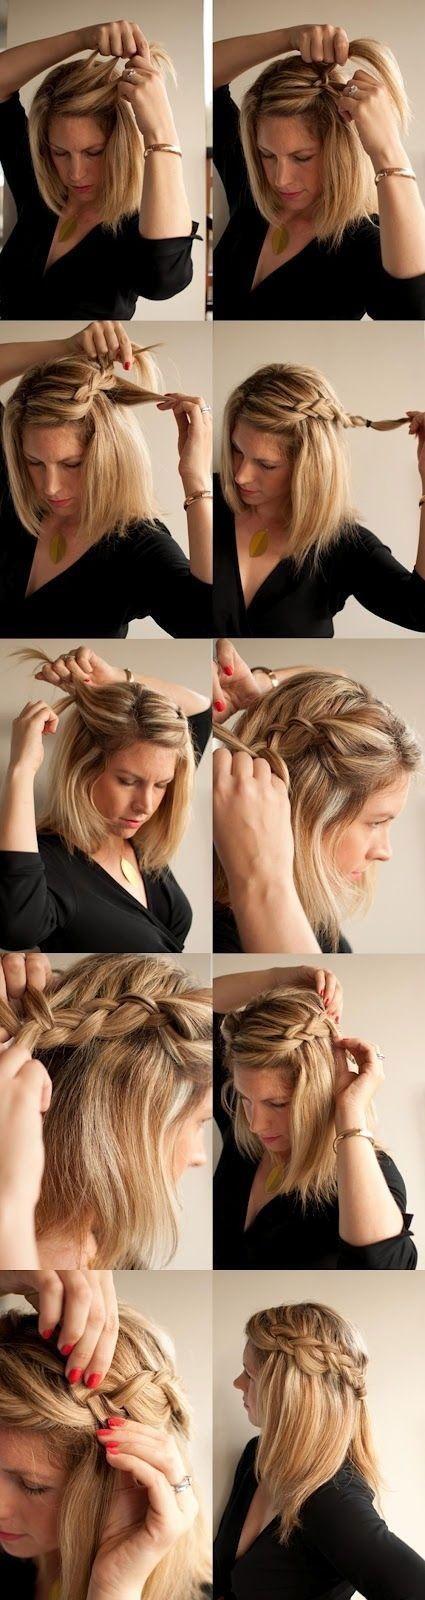 Einfache Frisuren für mittellanges Haar, #Einfache #Frisuren #für #Haar #mittellanges